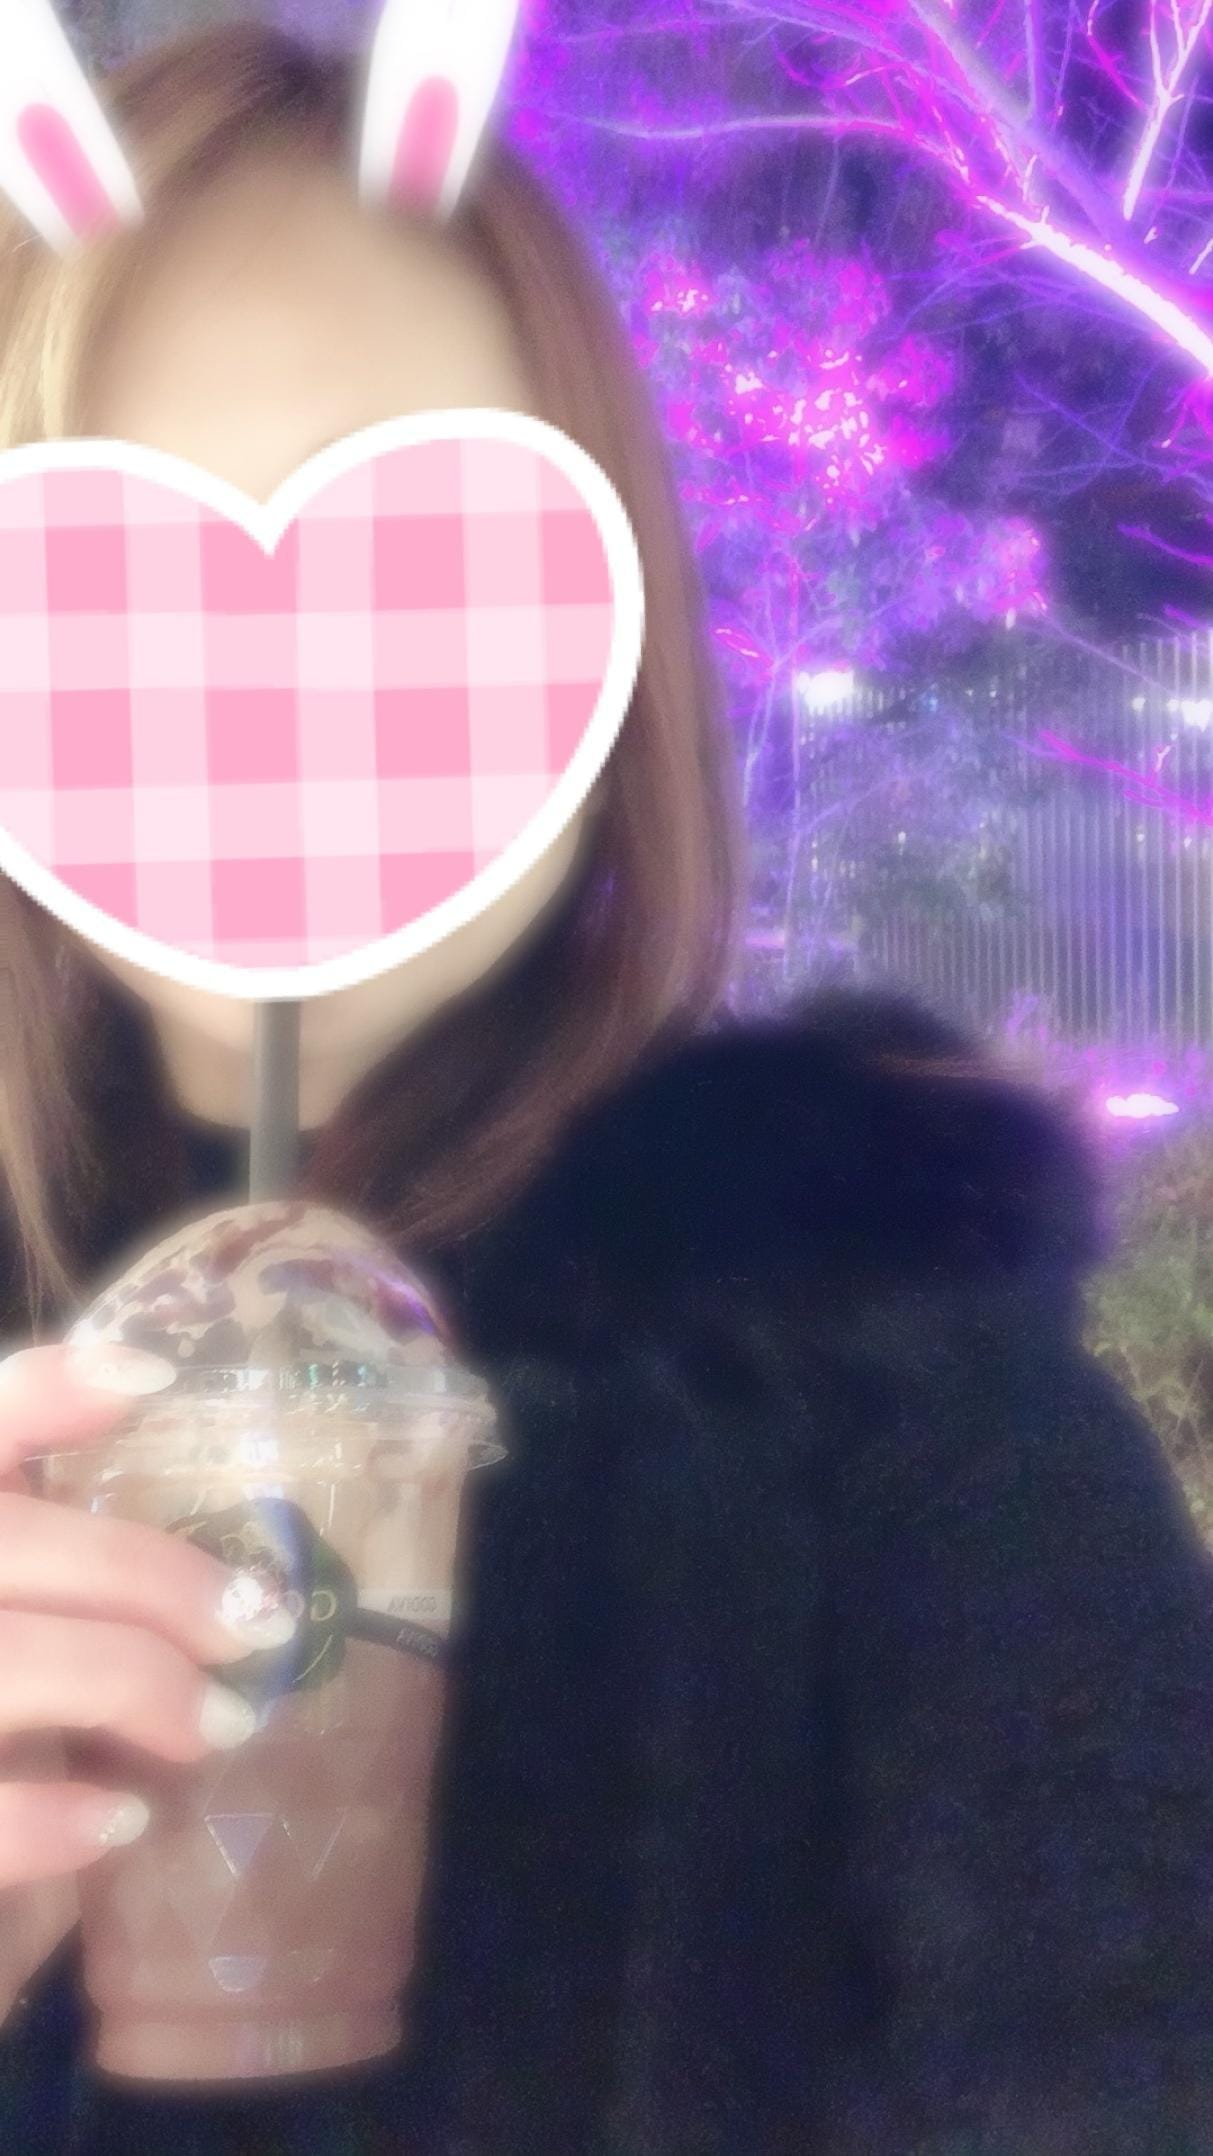 「Iさま♡お礼です」12/09(月) 23:04 | まいあの写メ・風俗動画